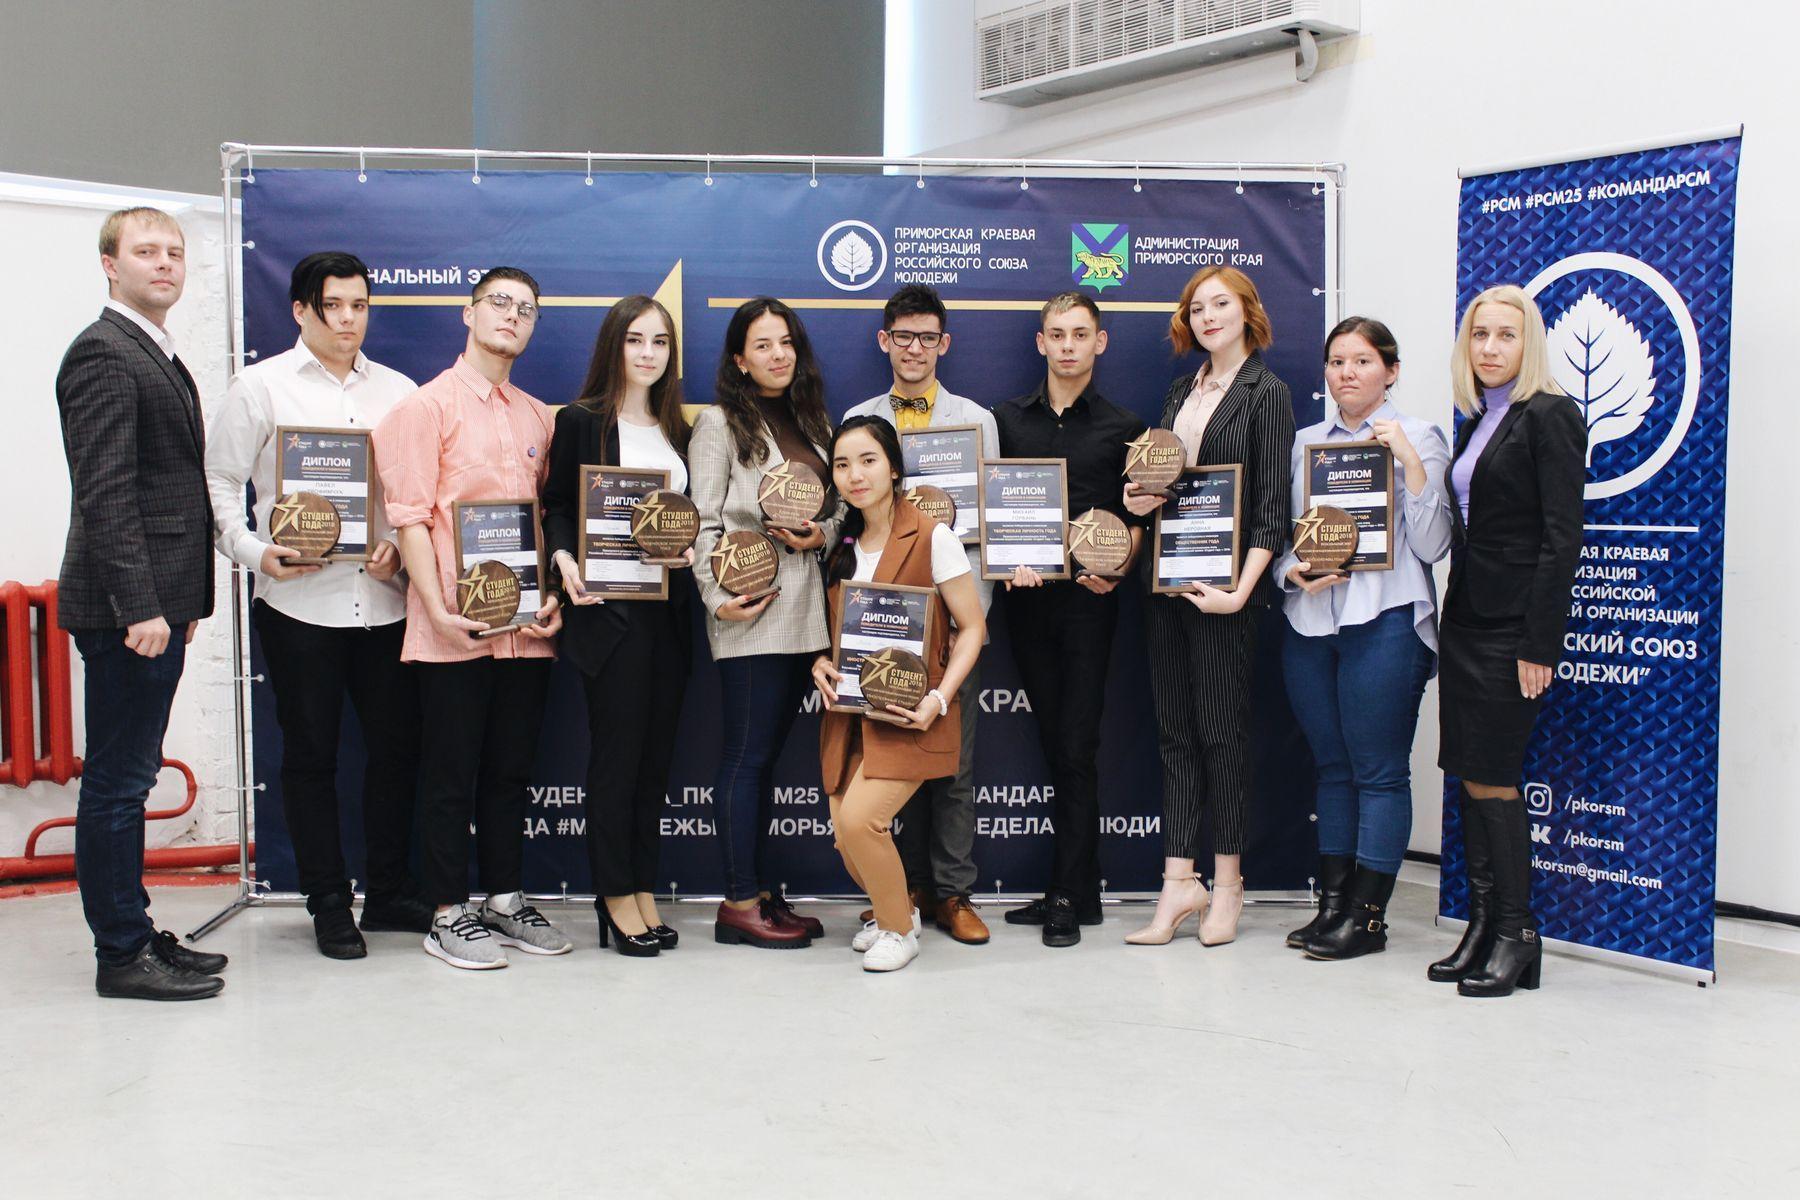 Результаты национальной премии: студенты ВГУЭС стали лучшими в Приморье